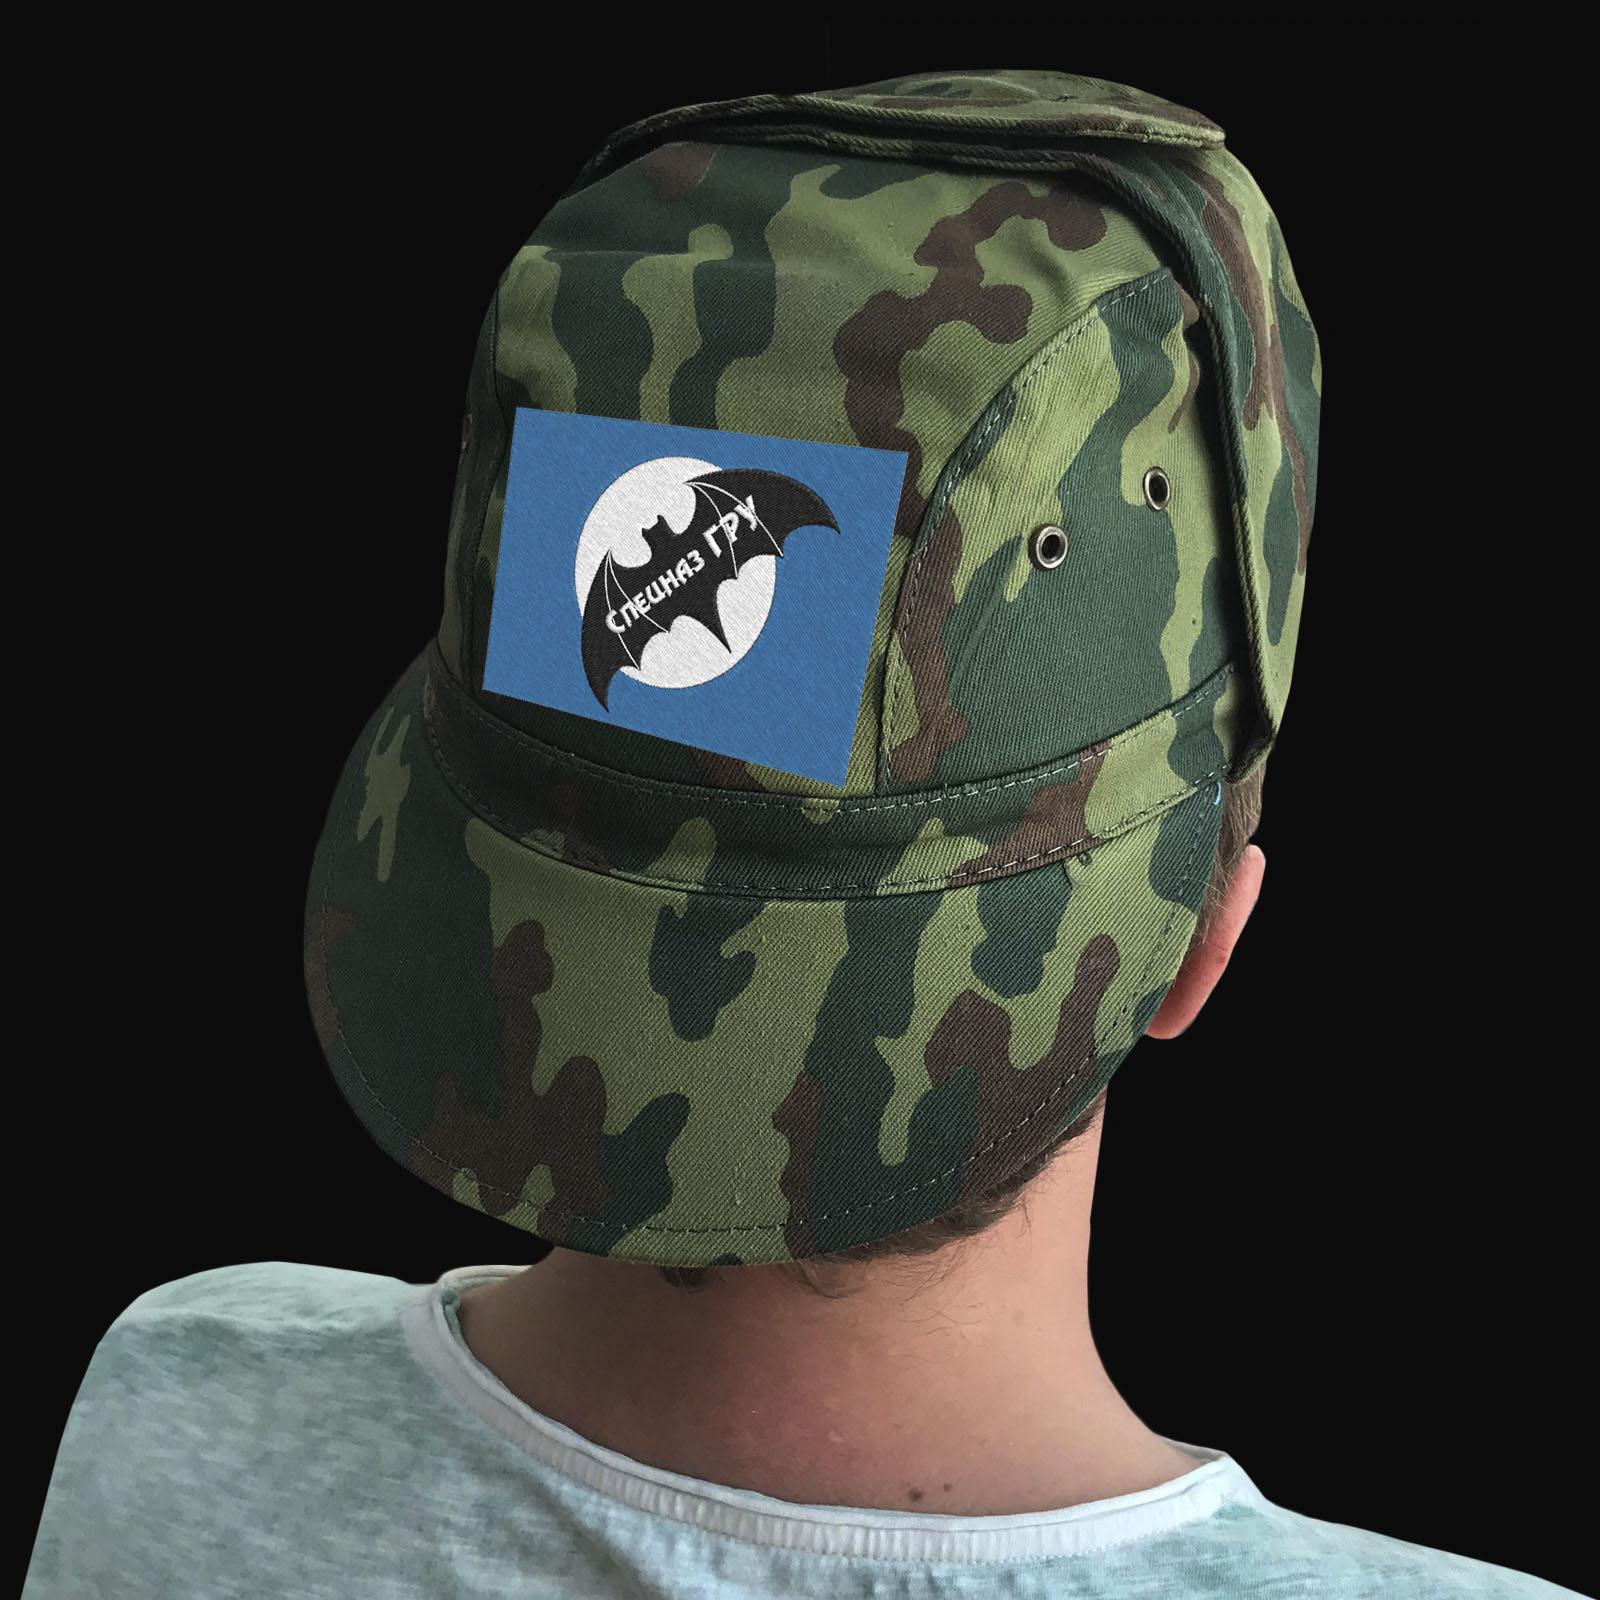 Недорогие товары в дизайне Спецназа ГРУ: одежда, сувениры, флаги, награды, снаряга